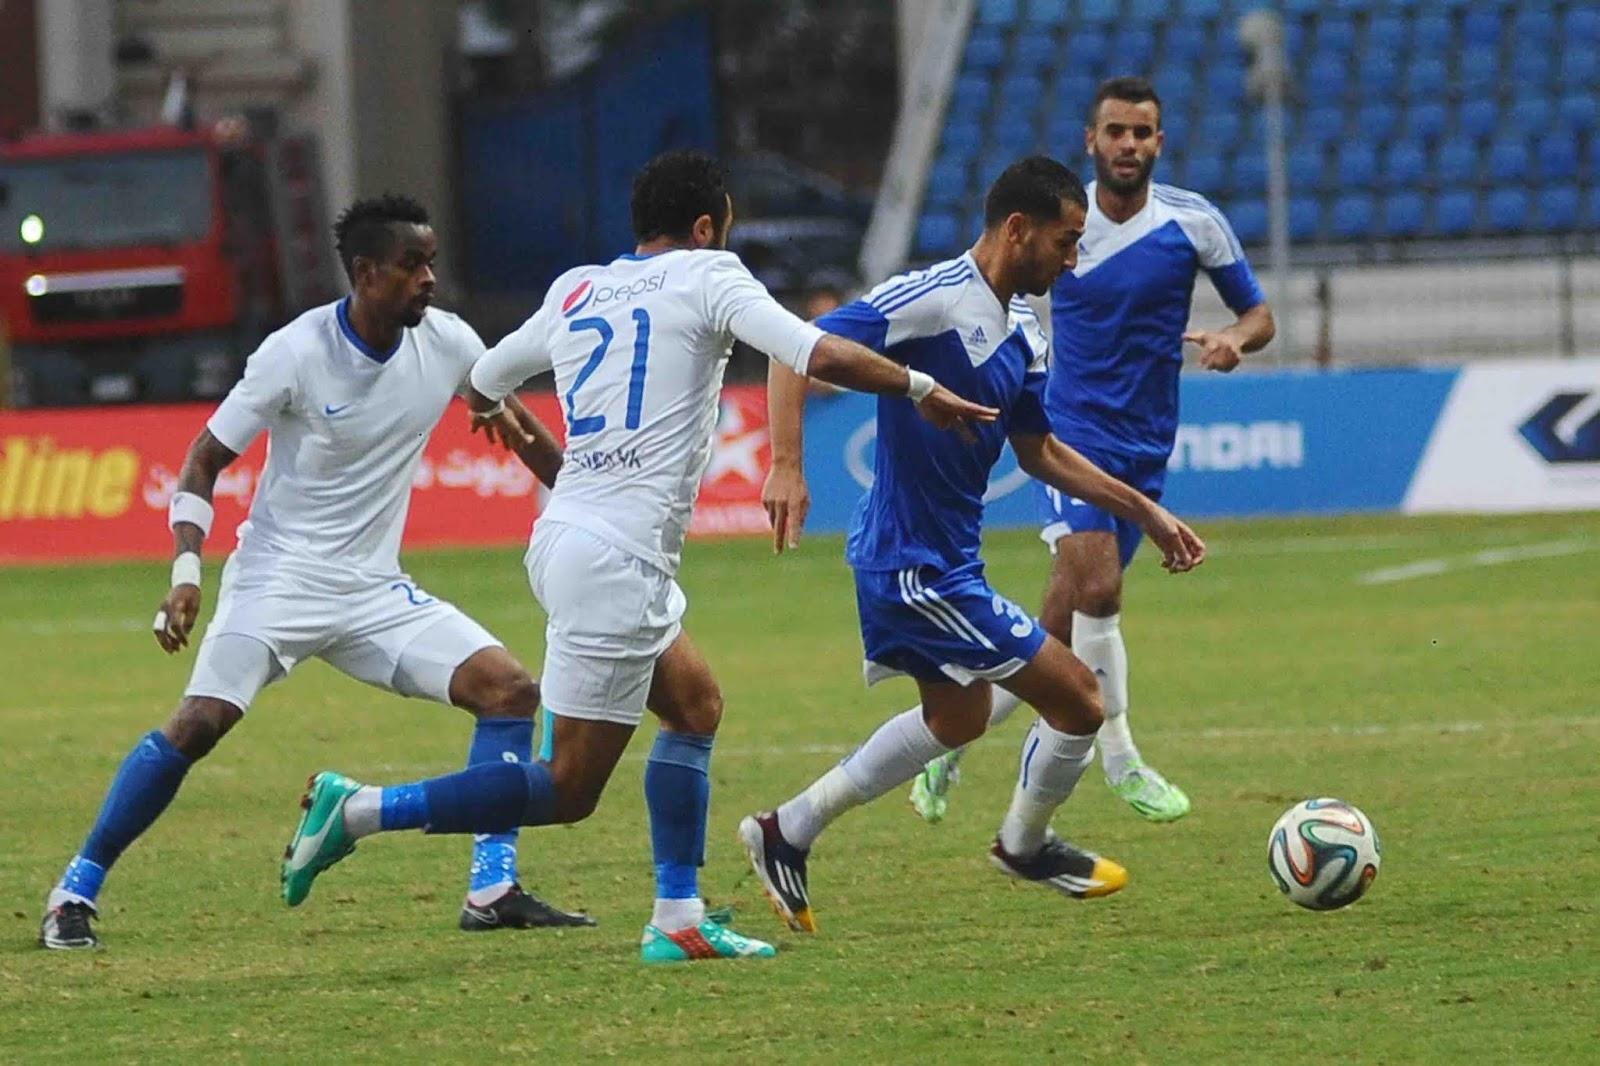 نتيجة مباراة نادي مصر وسموحة بتاريخ 08-02-2020 الدوري المصري